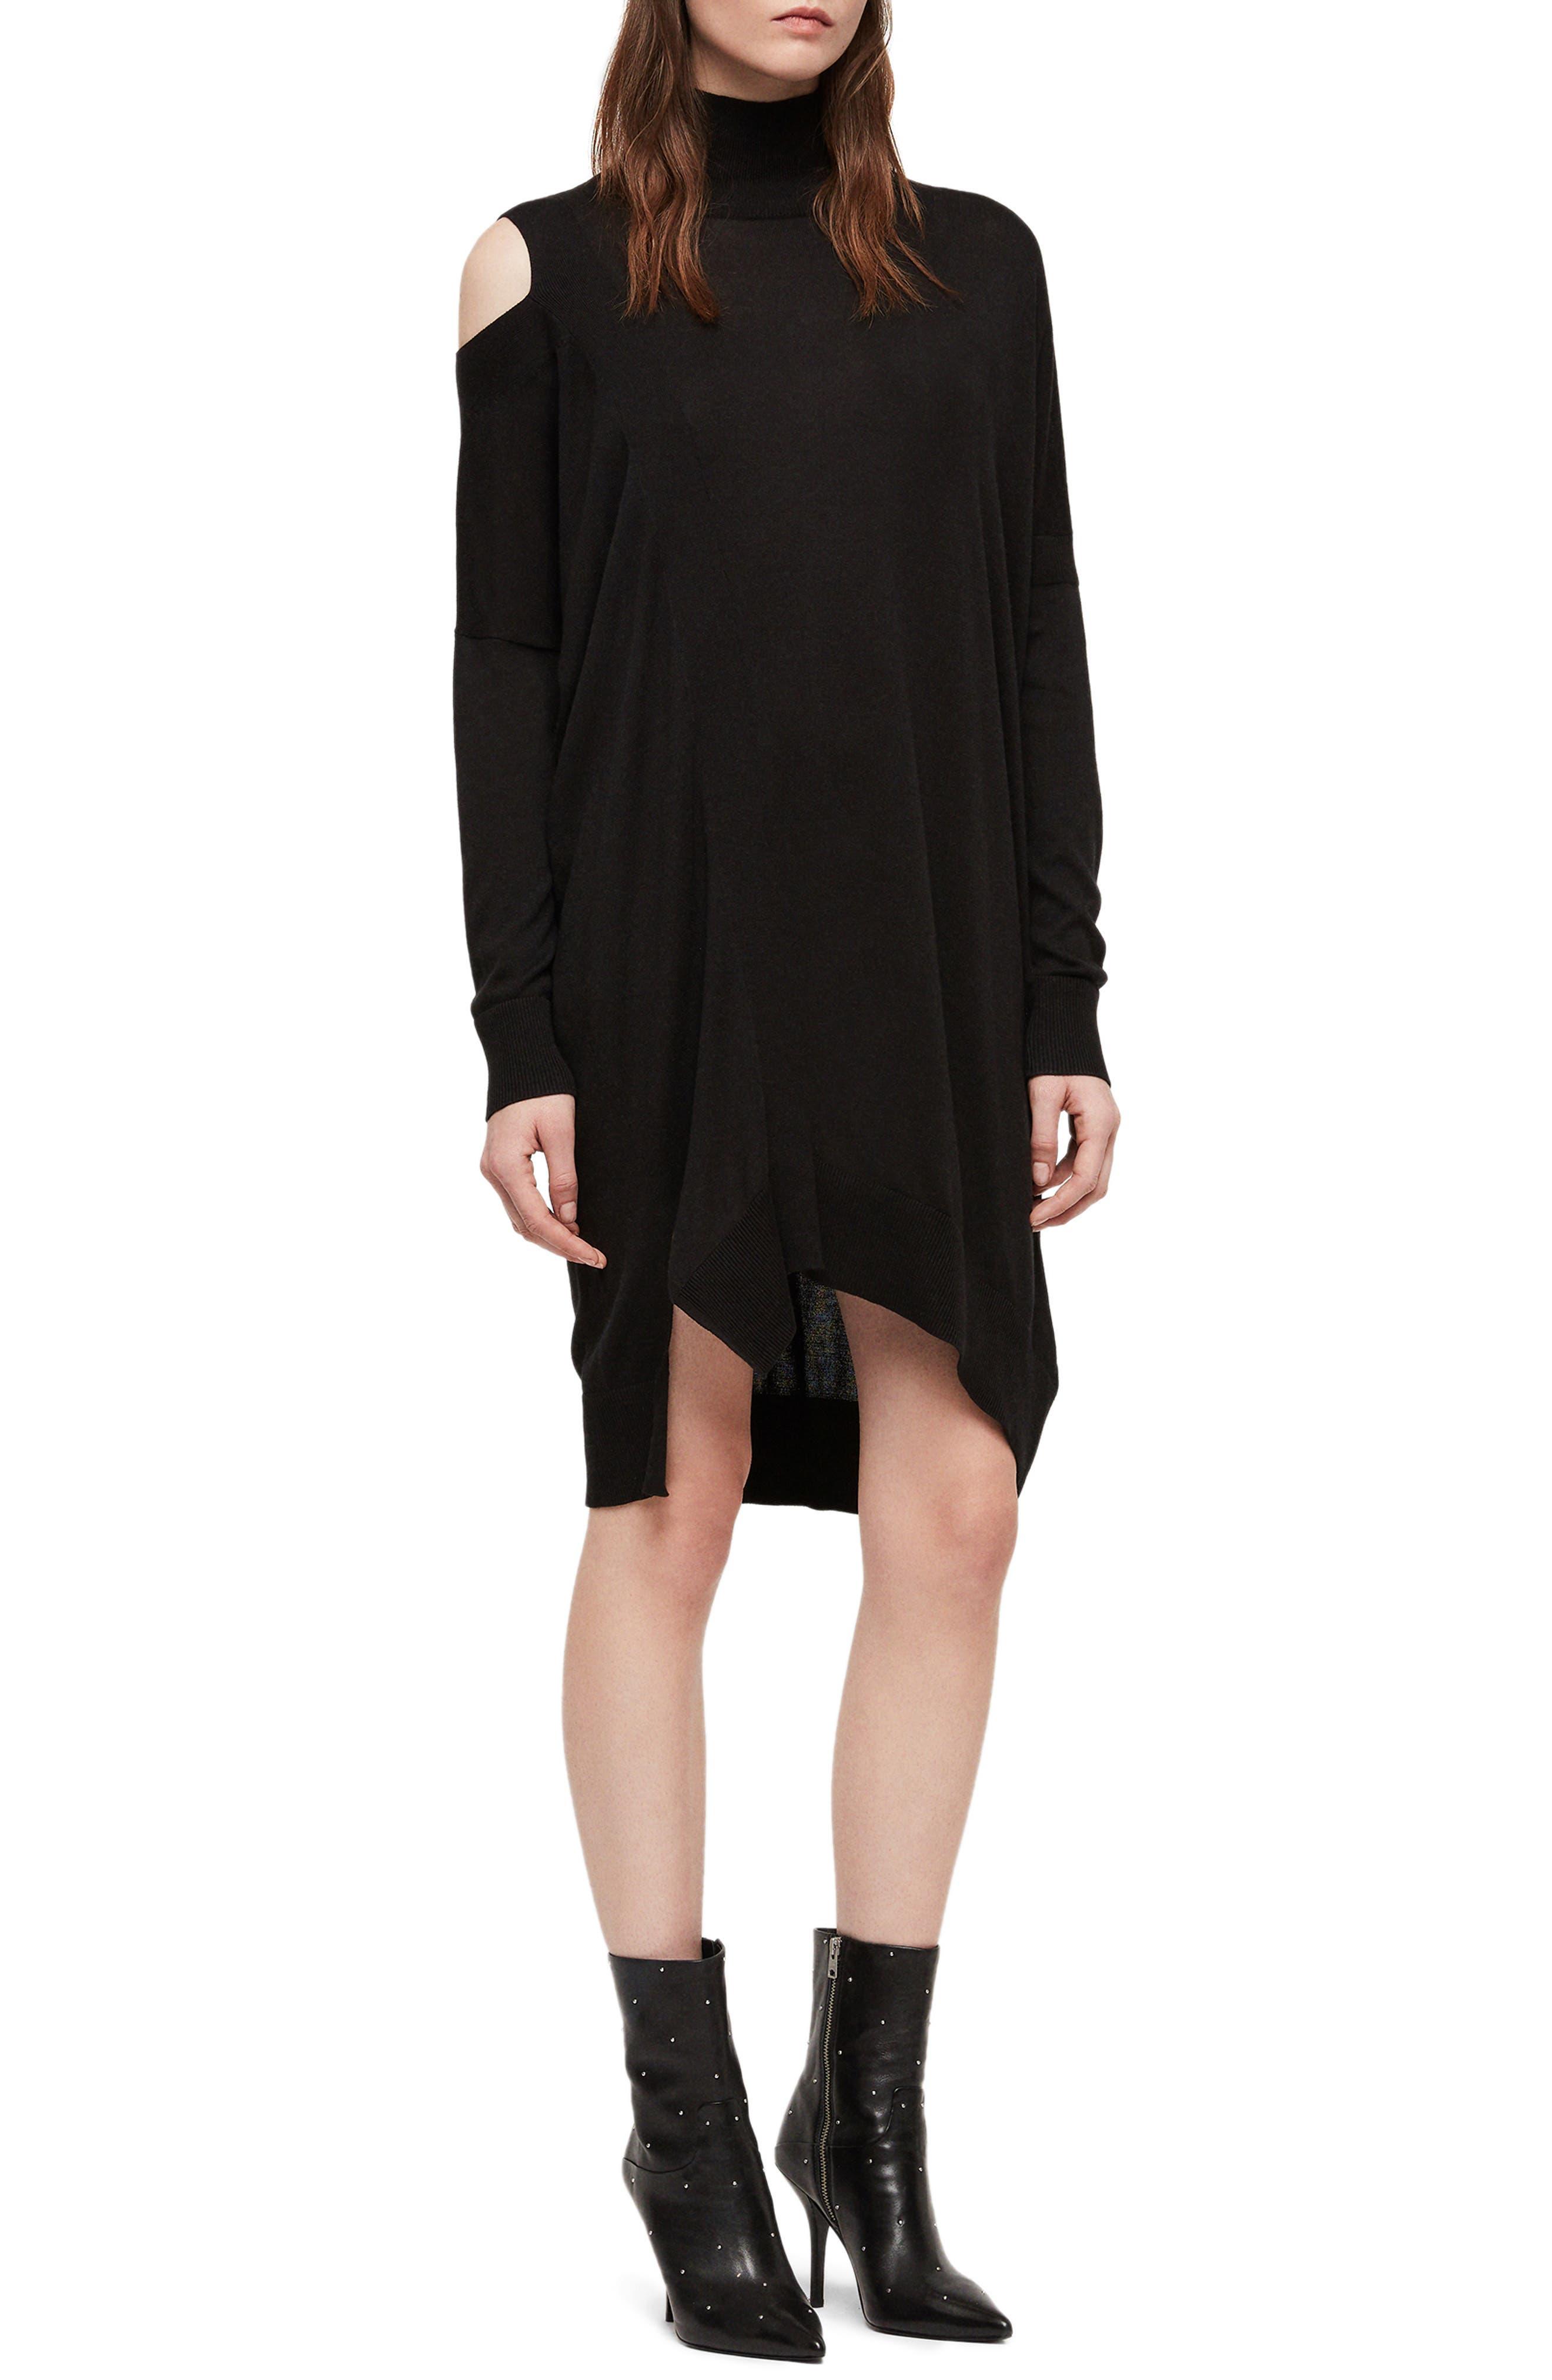 ALLSAINTS, Cecily Turtleneck Sweater Dress, Main thumbnail 1, color, BLACK